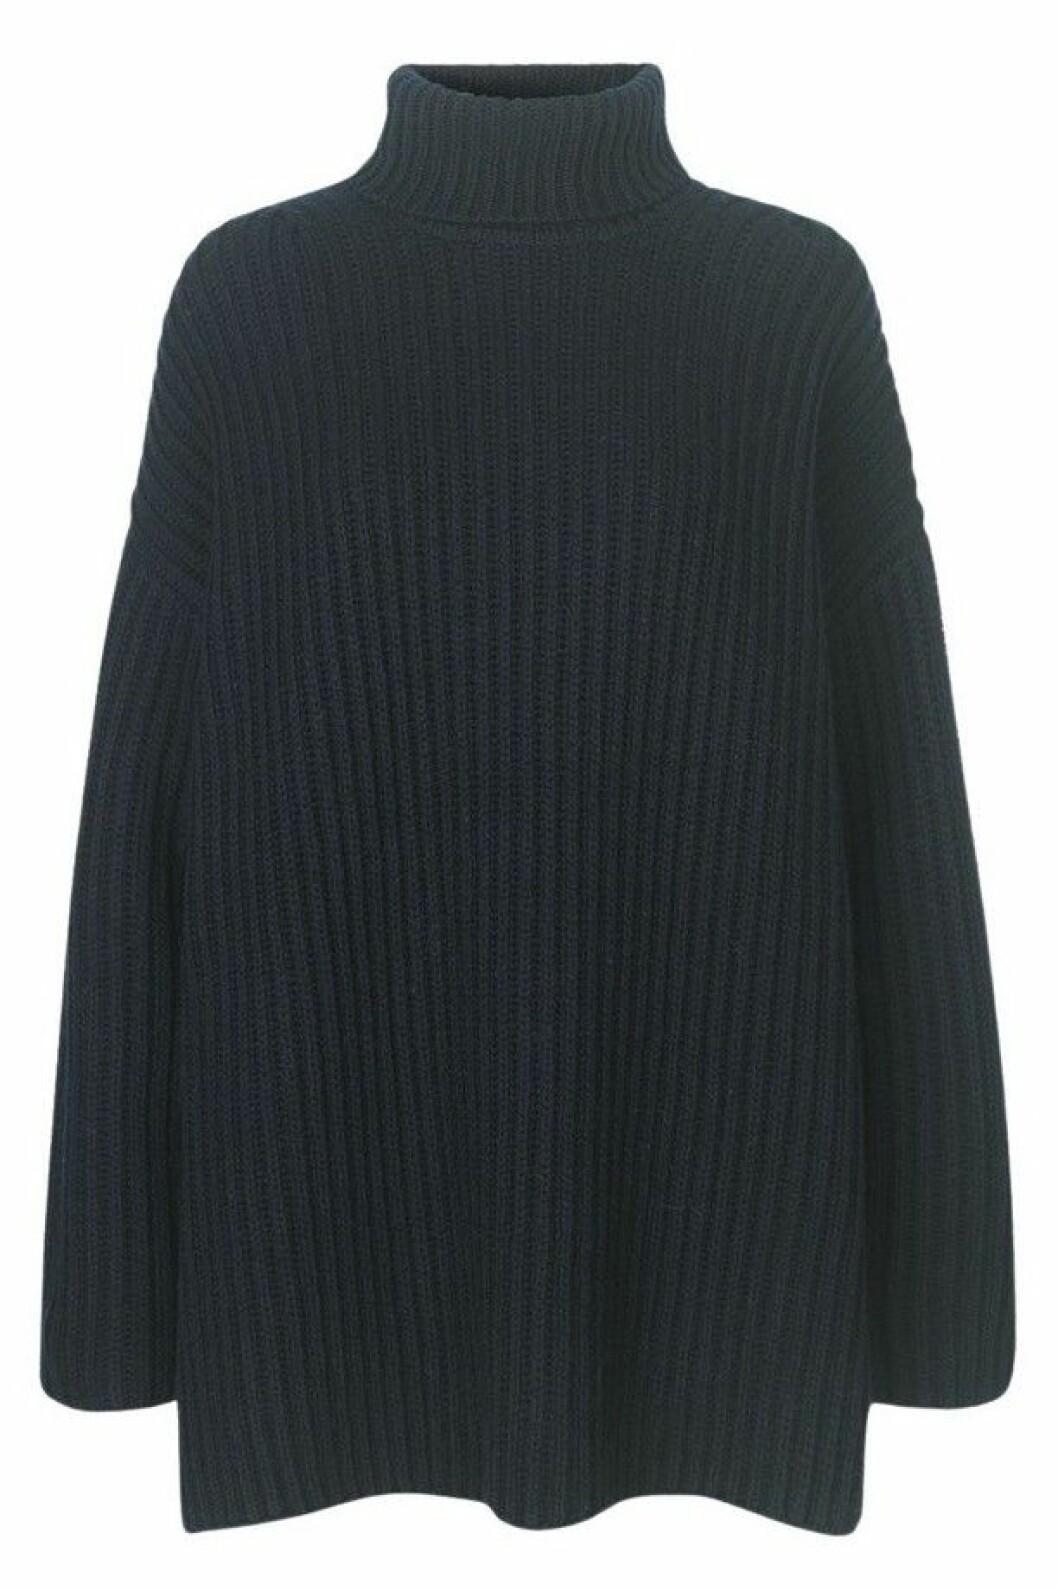 Marinblå stickad tröja från Samsøe Samsøe i oversized modell.